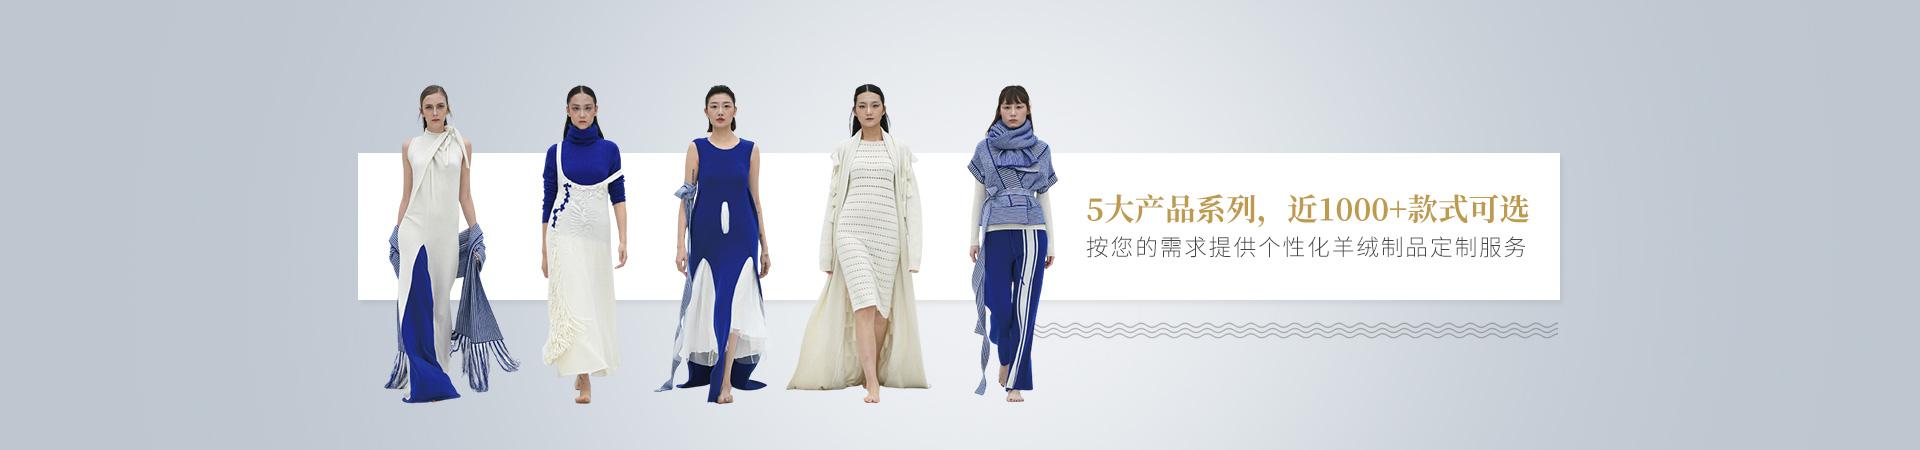 昭乌达 5大产品系列 近1000+款式可选